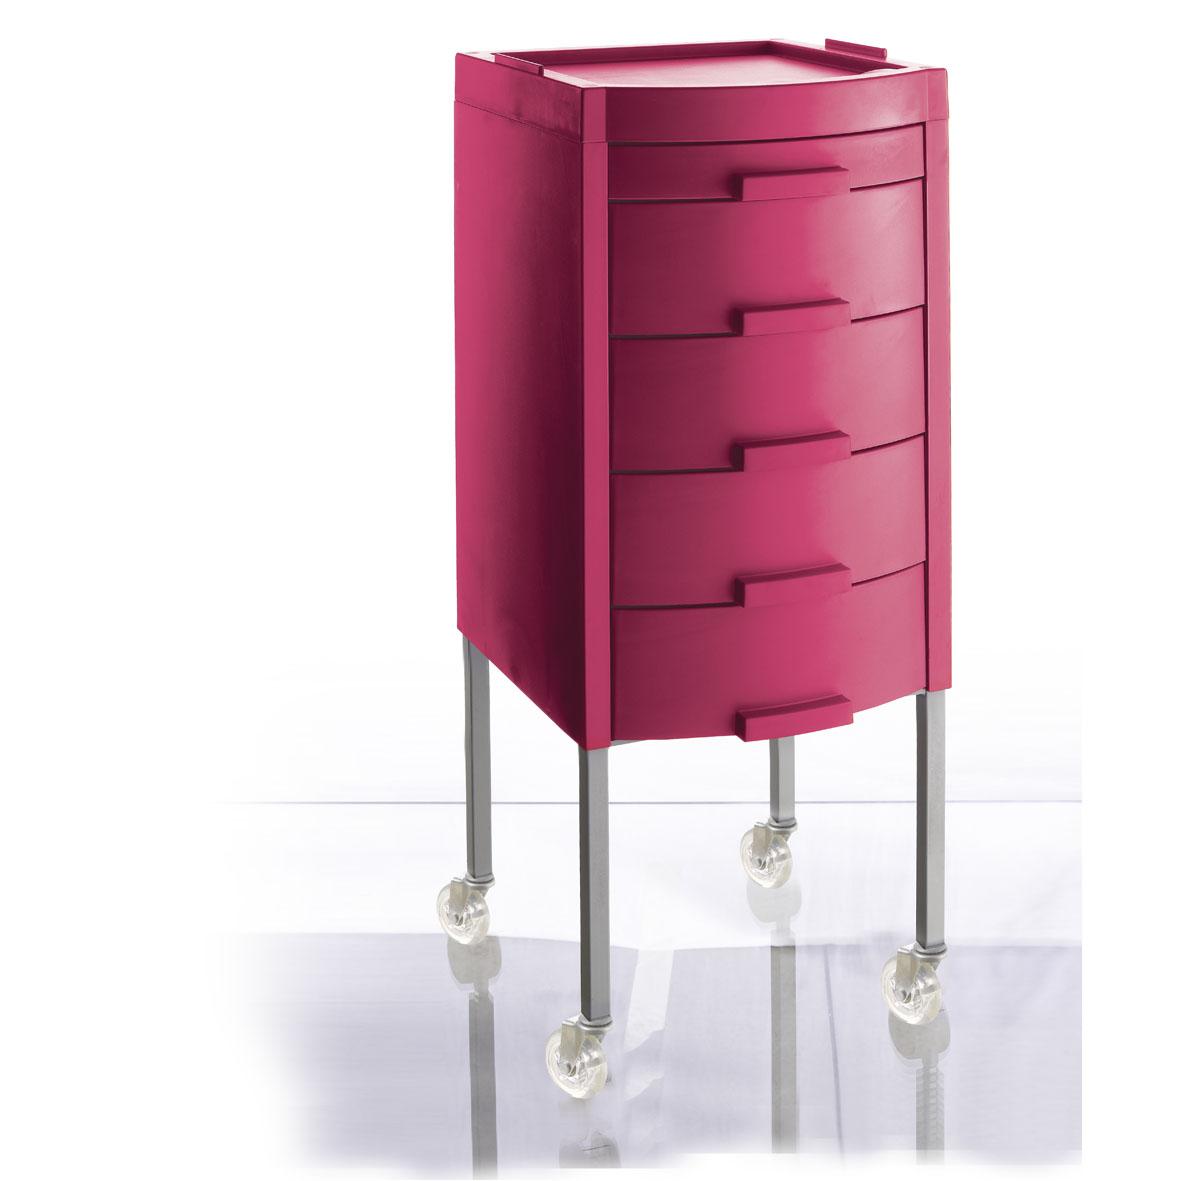 Arbetsbord Manhattan Speedy pink Made in Europe